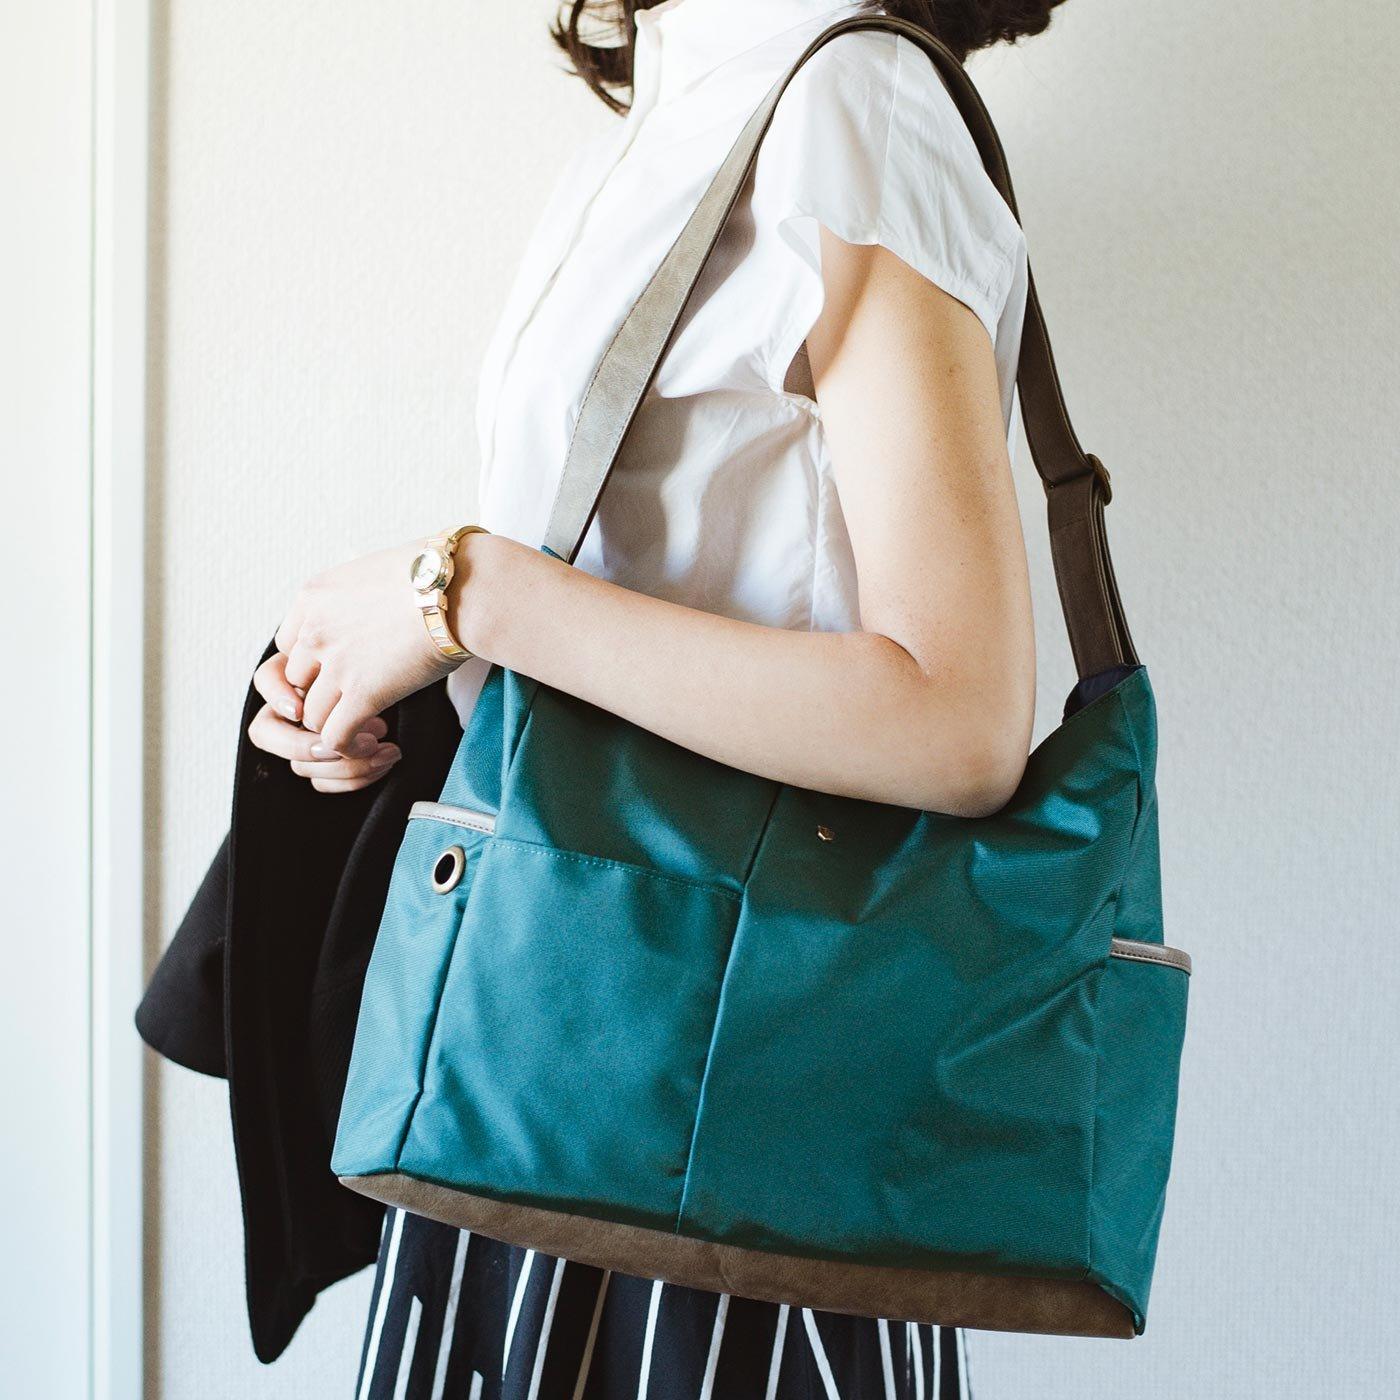 エッセイスト・整理収納アドバイザー柳沢小実さんと作った すっきりかしこくポケット収納 整理整とん軽量バッグ